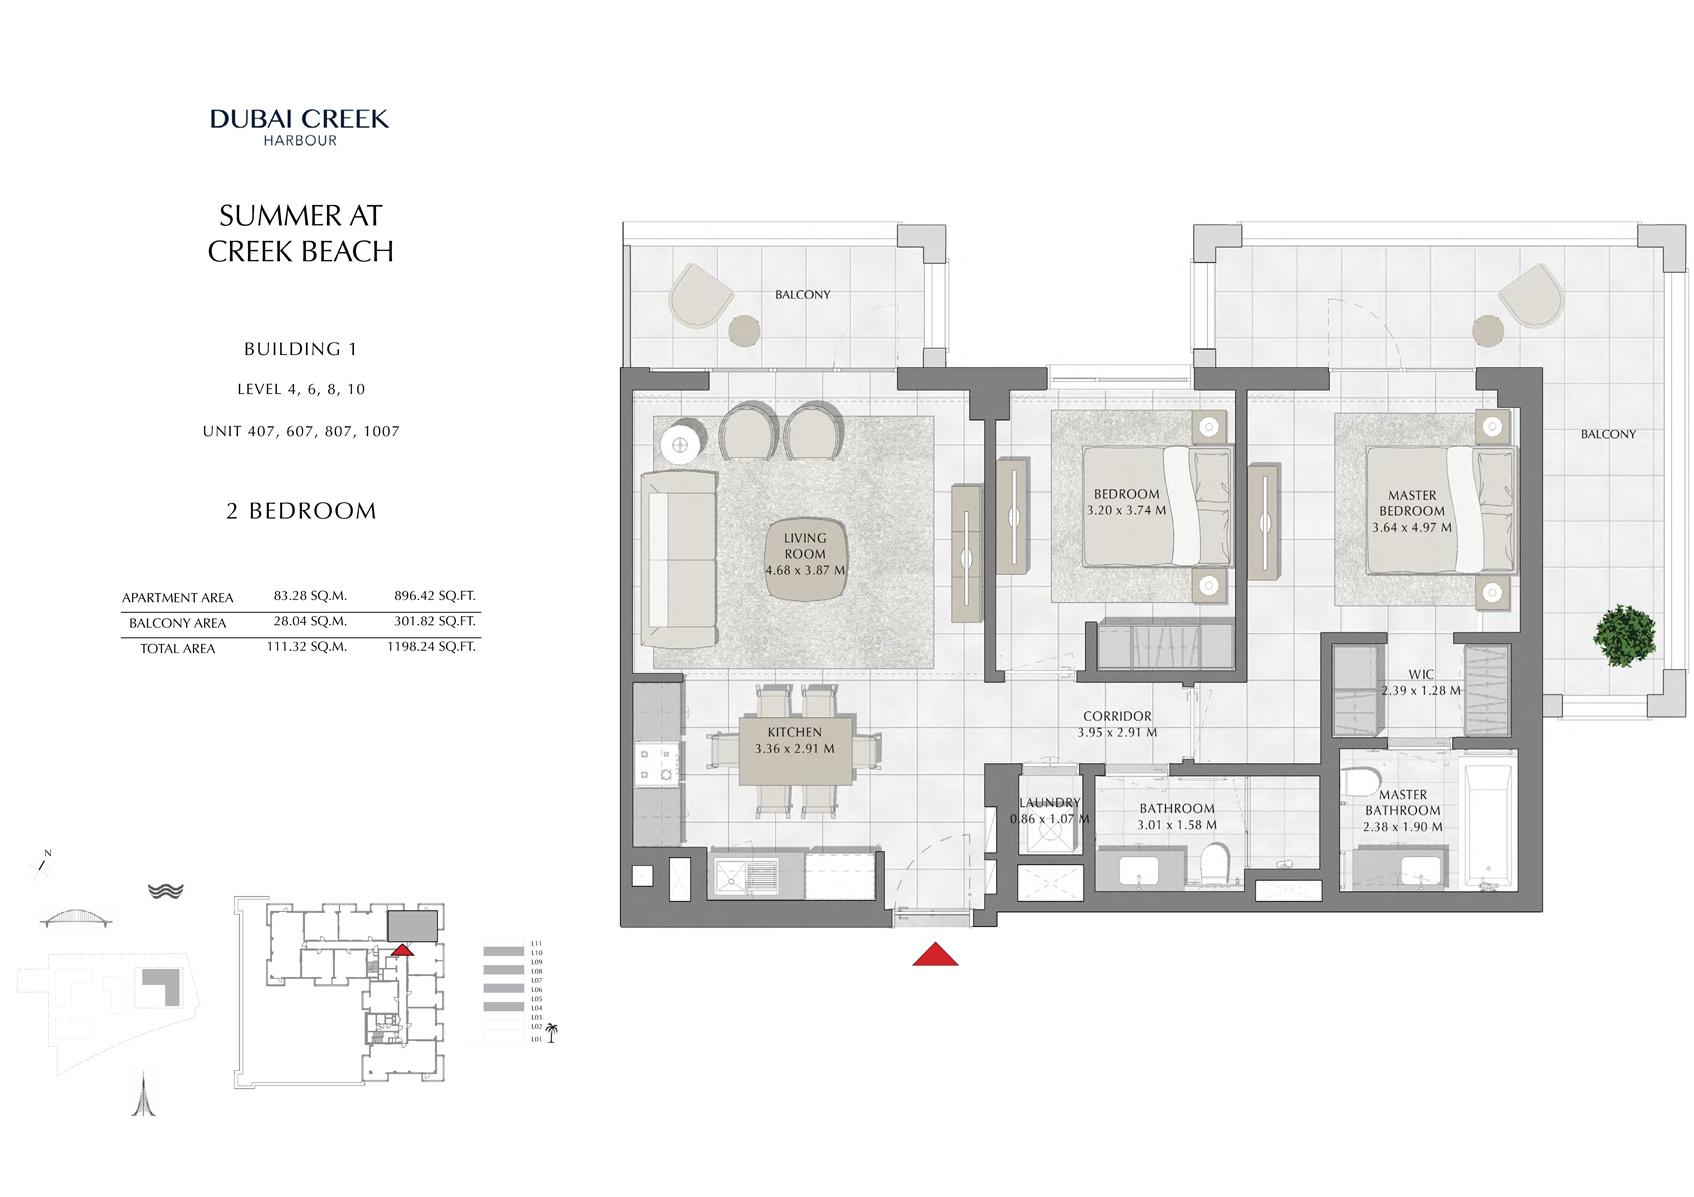 2 Br Building 1 Level-4-6-8-10 Unit 407-607-807-1007, Size 1198 Sq Ft